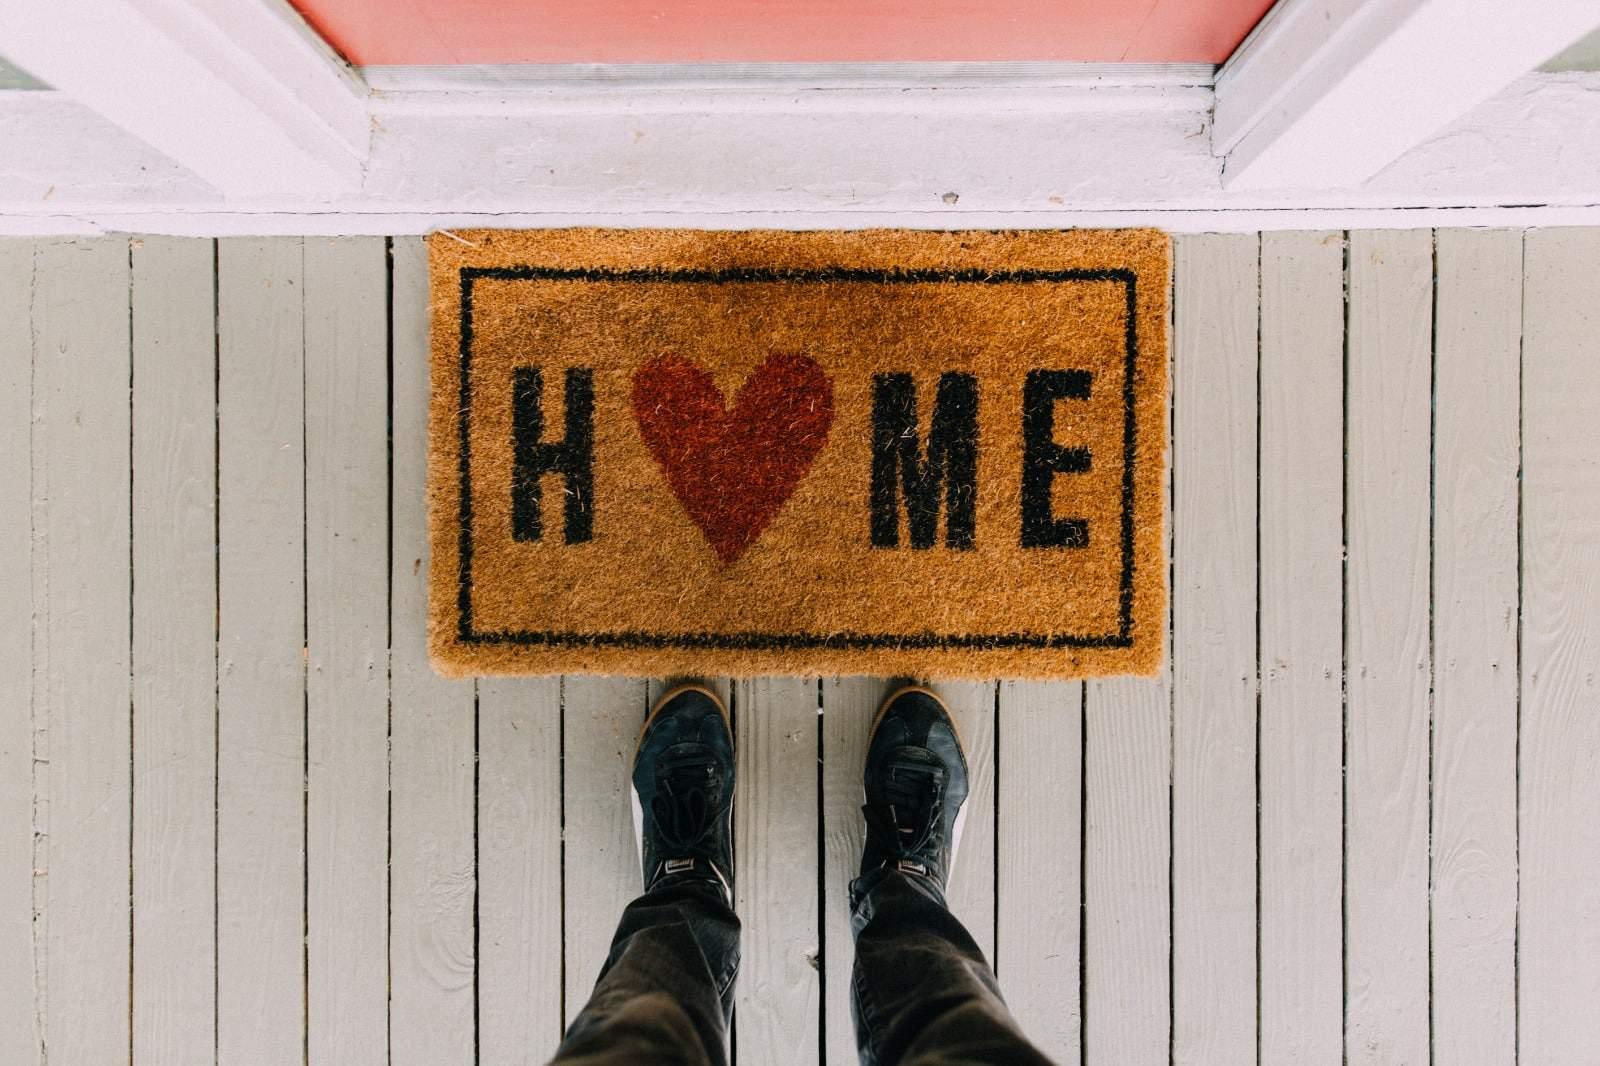 הדברה ירוקה - כל דירה והסיפור שלה